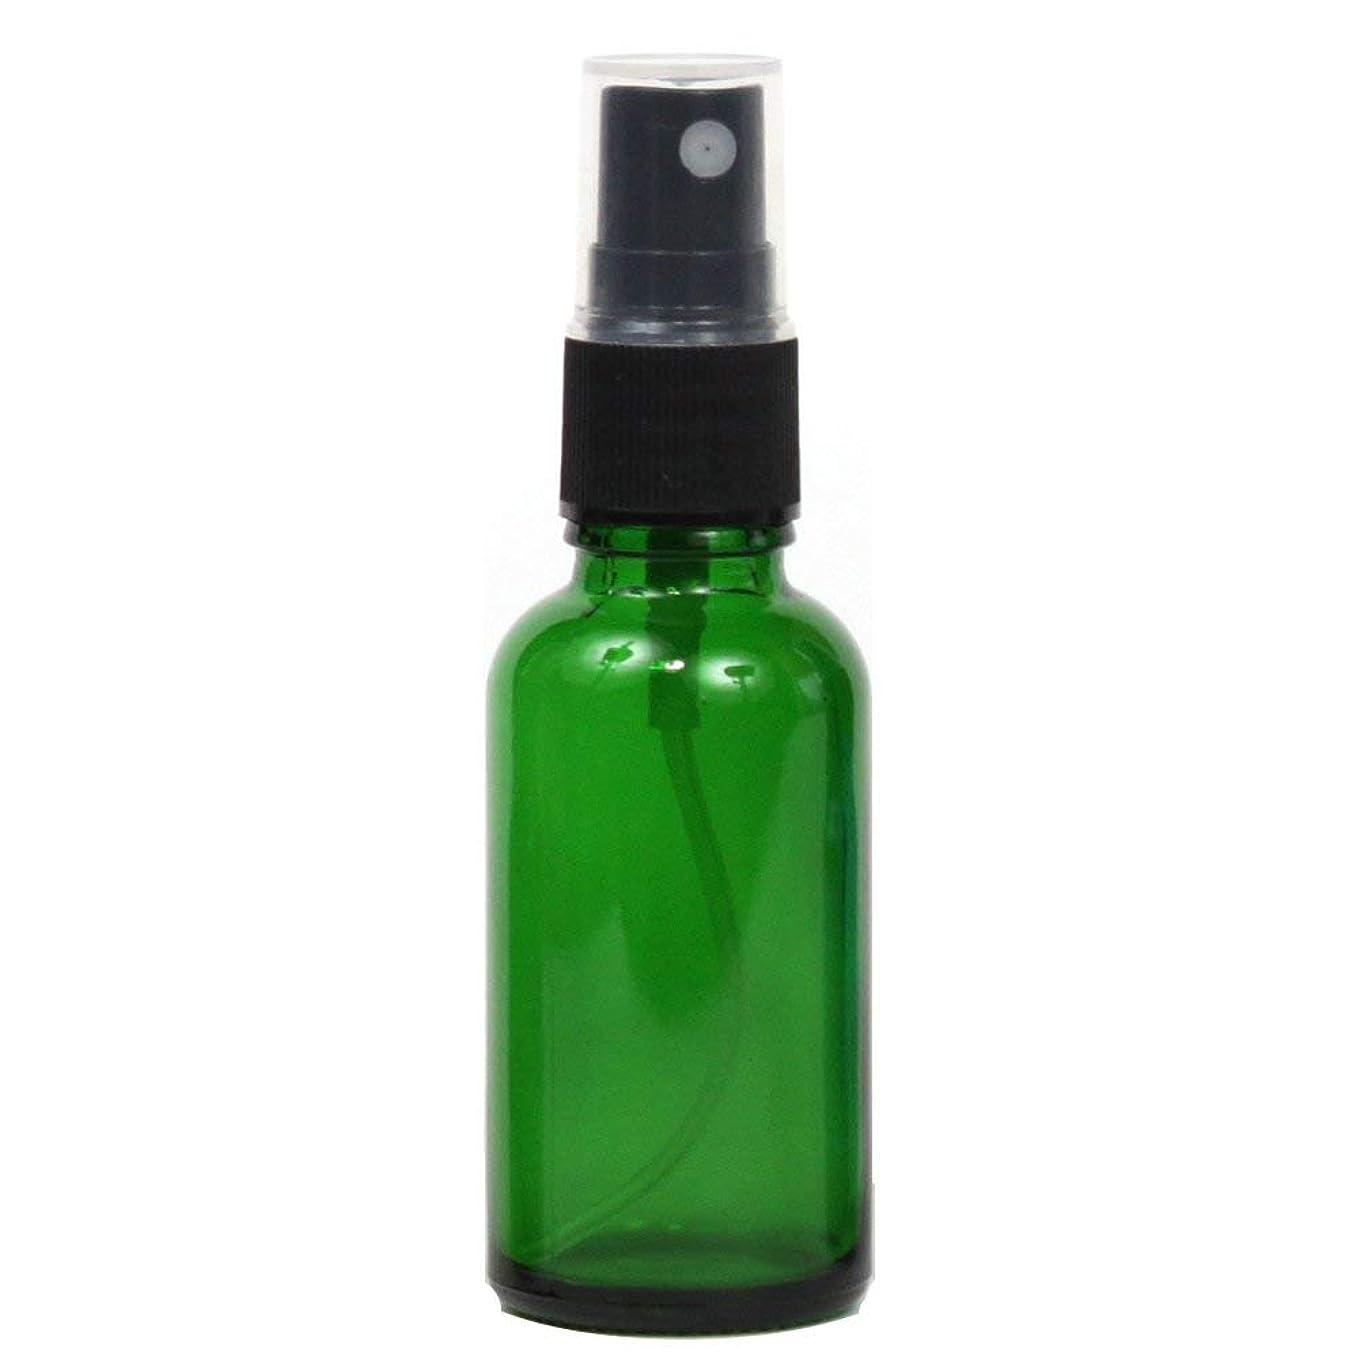 表向き分くしゃくしゃスプレーボトル 30mL ガラス遮光性グリーン 瓶 空容器 グリーン 4個